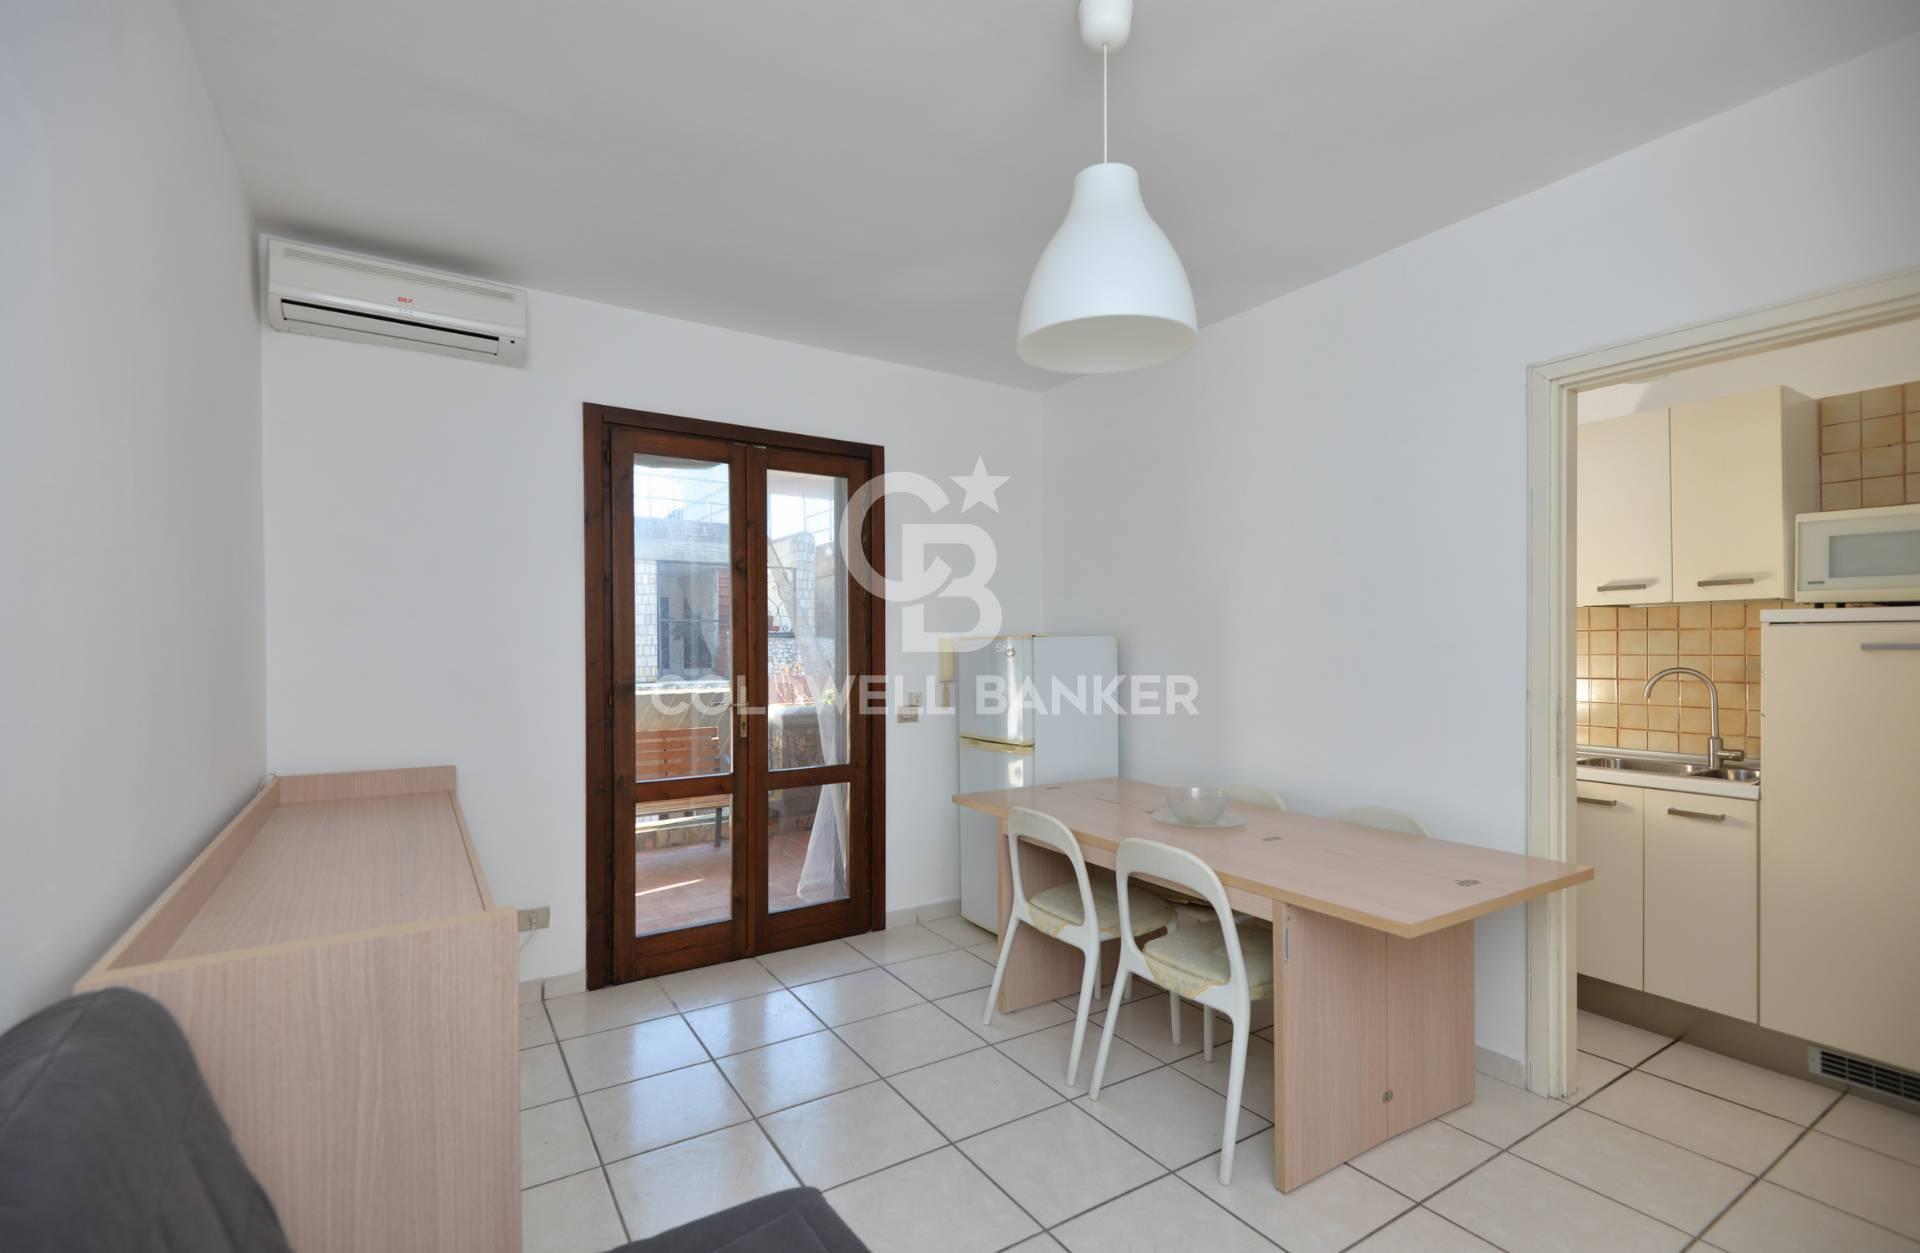 Appartamento, 60 Mq, Vendita - Lecce (Lecce)